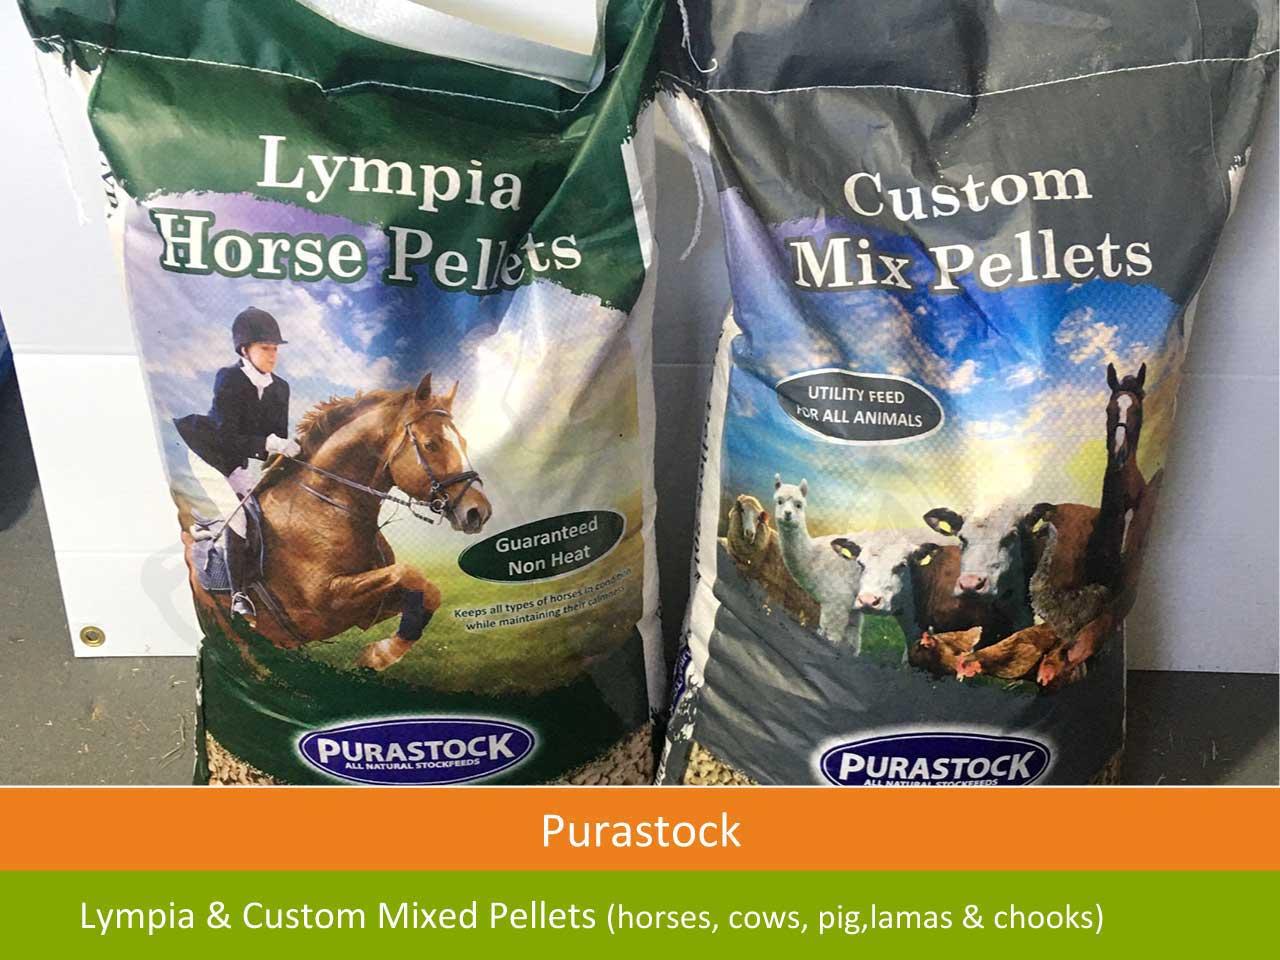 lympia pellets horse cow pig lama chook pellets